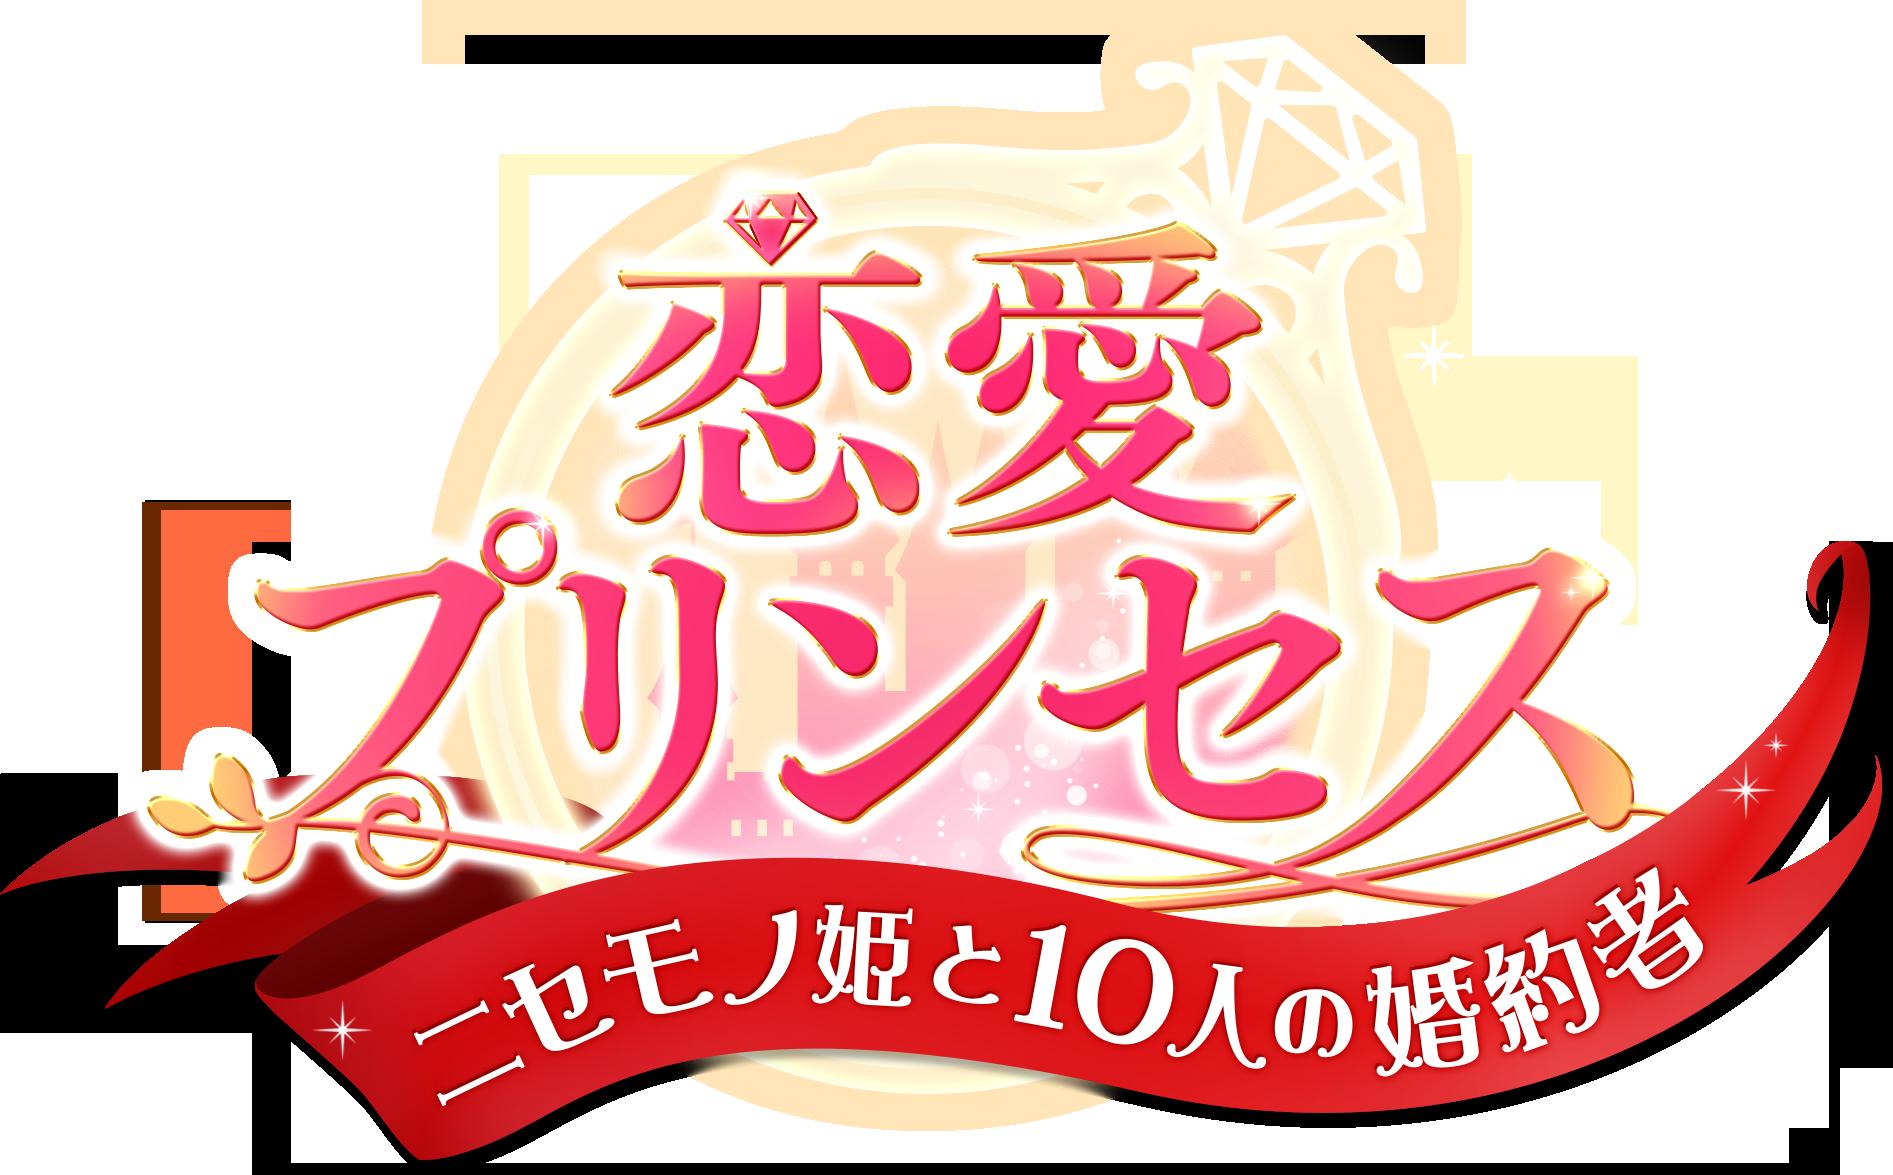 『恋愛プリンセス~ニセモノ姫と10人の婚約者~』ロゴ